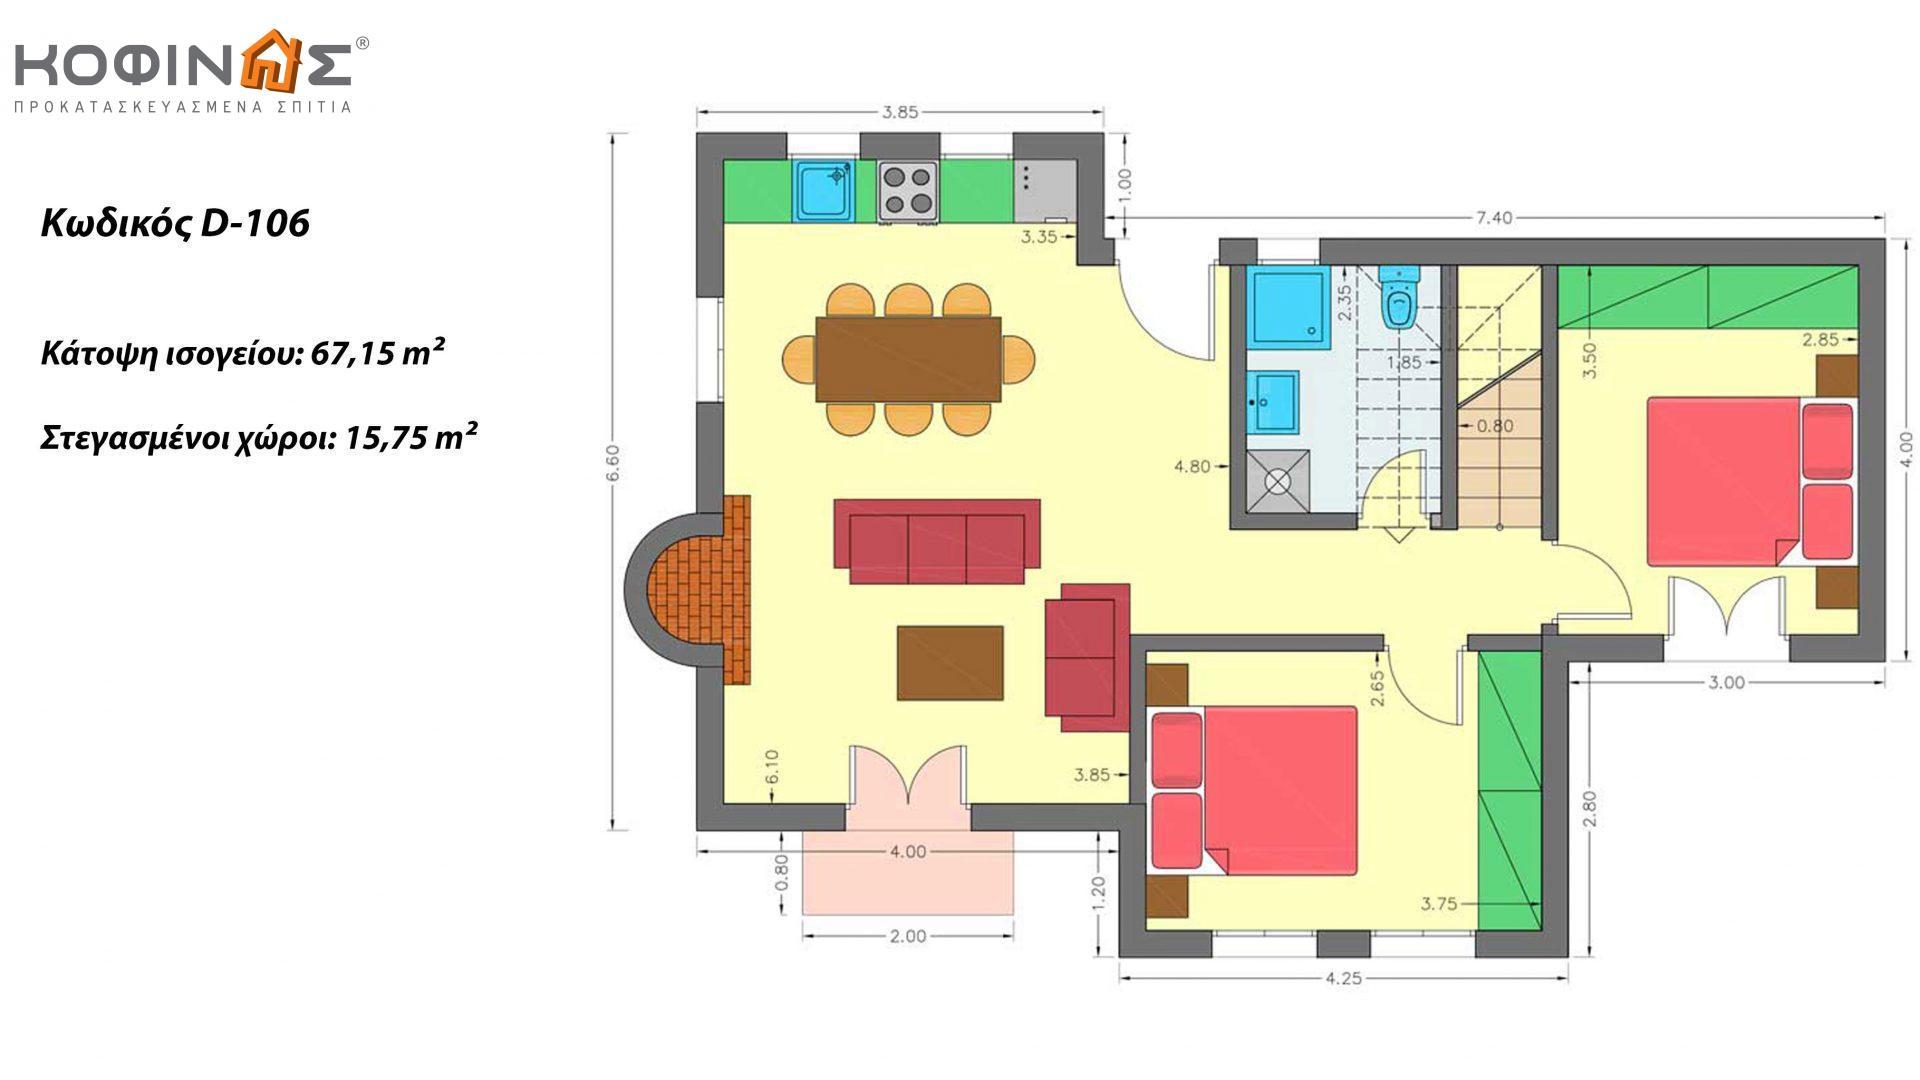 Διώροφη Κατοικία D-106, συνολικής επιφάνειας 106,95 τ.μ. , συνολική επιφάνεια στεγασμένων χώρων 15,75 τ.μ., μπαλκόνια 29,35 τ.μ.